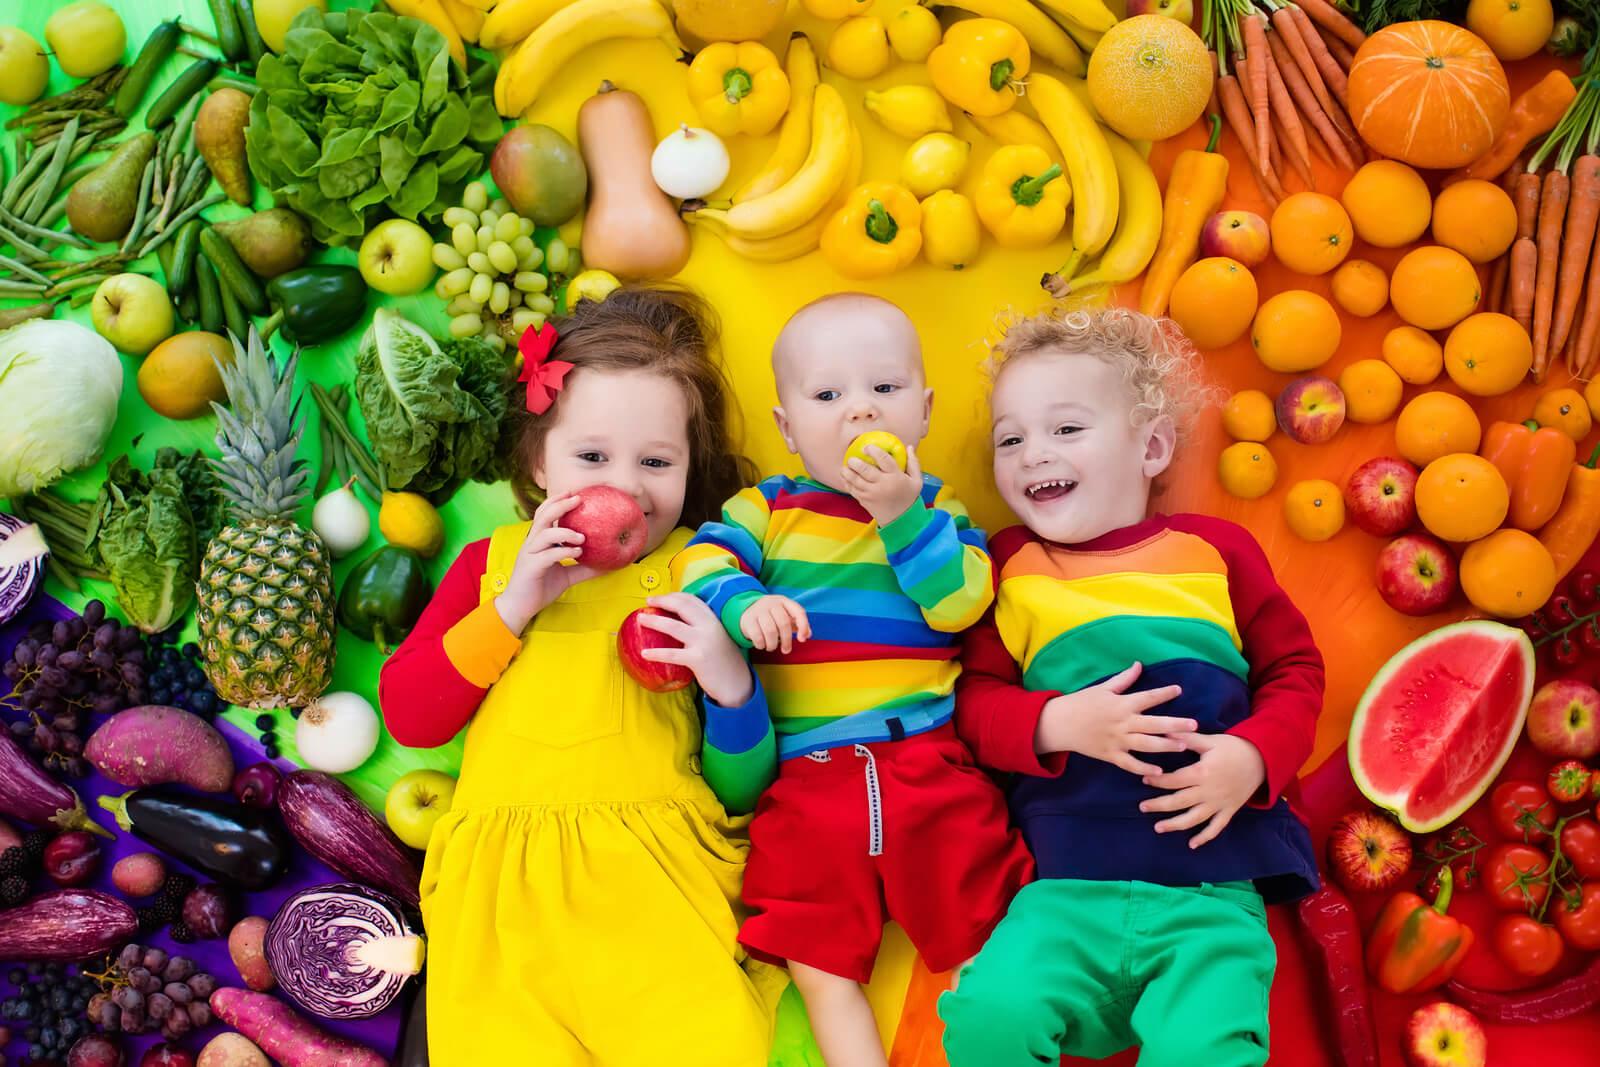 kidsliggeningroenteenfruit